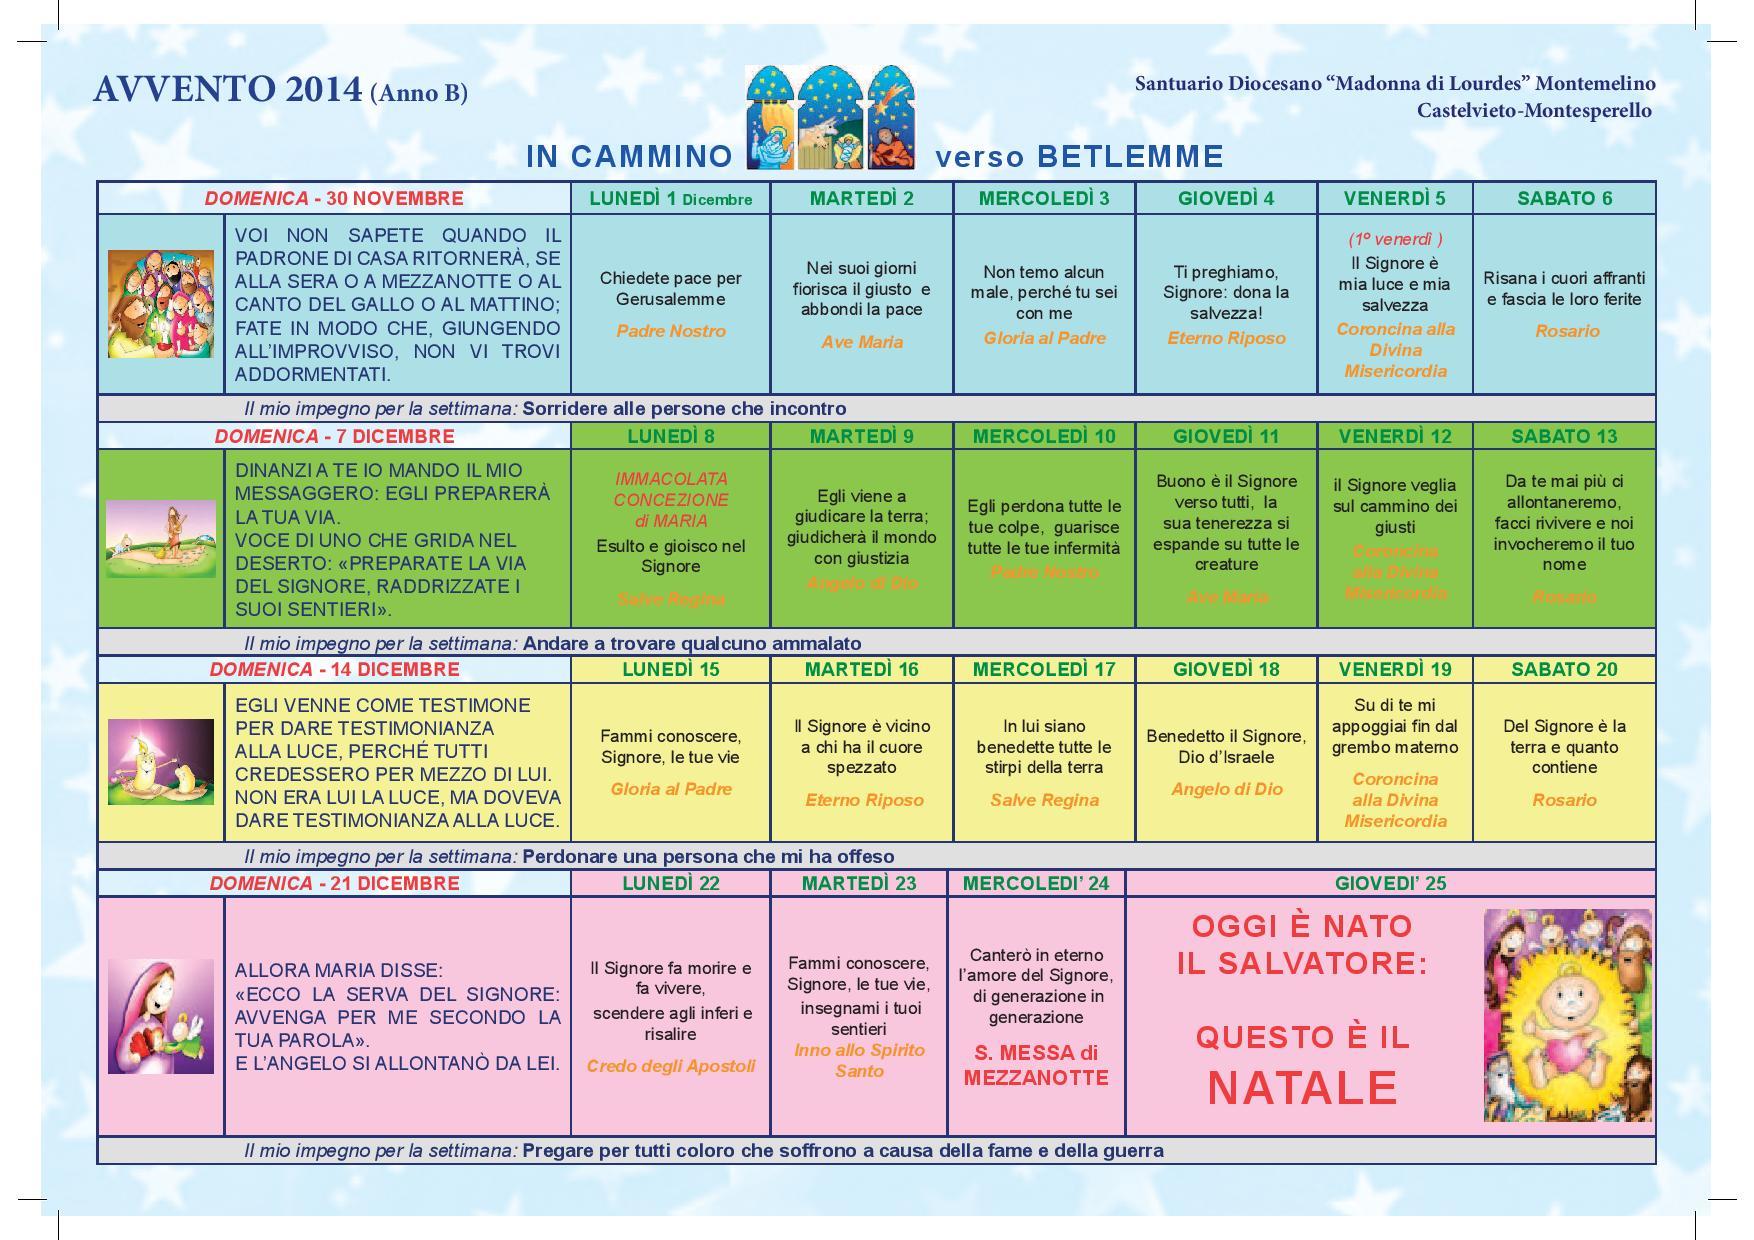 Calendario Anno 2014.Calendario D Avvento 2014